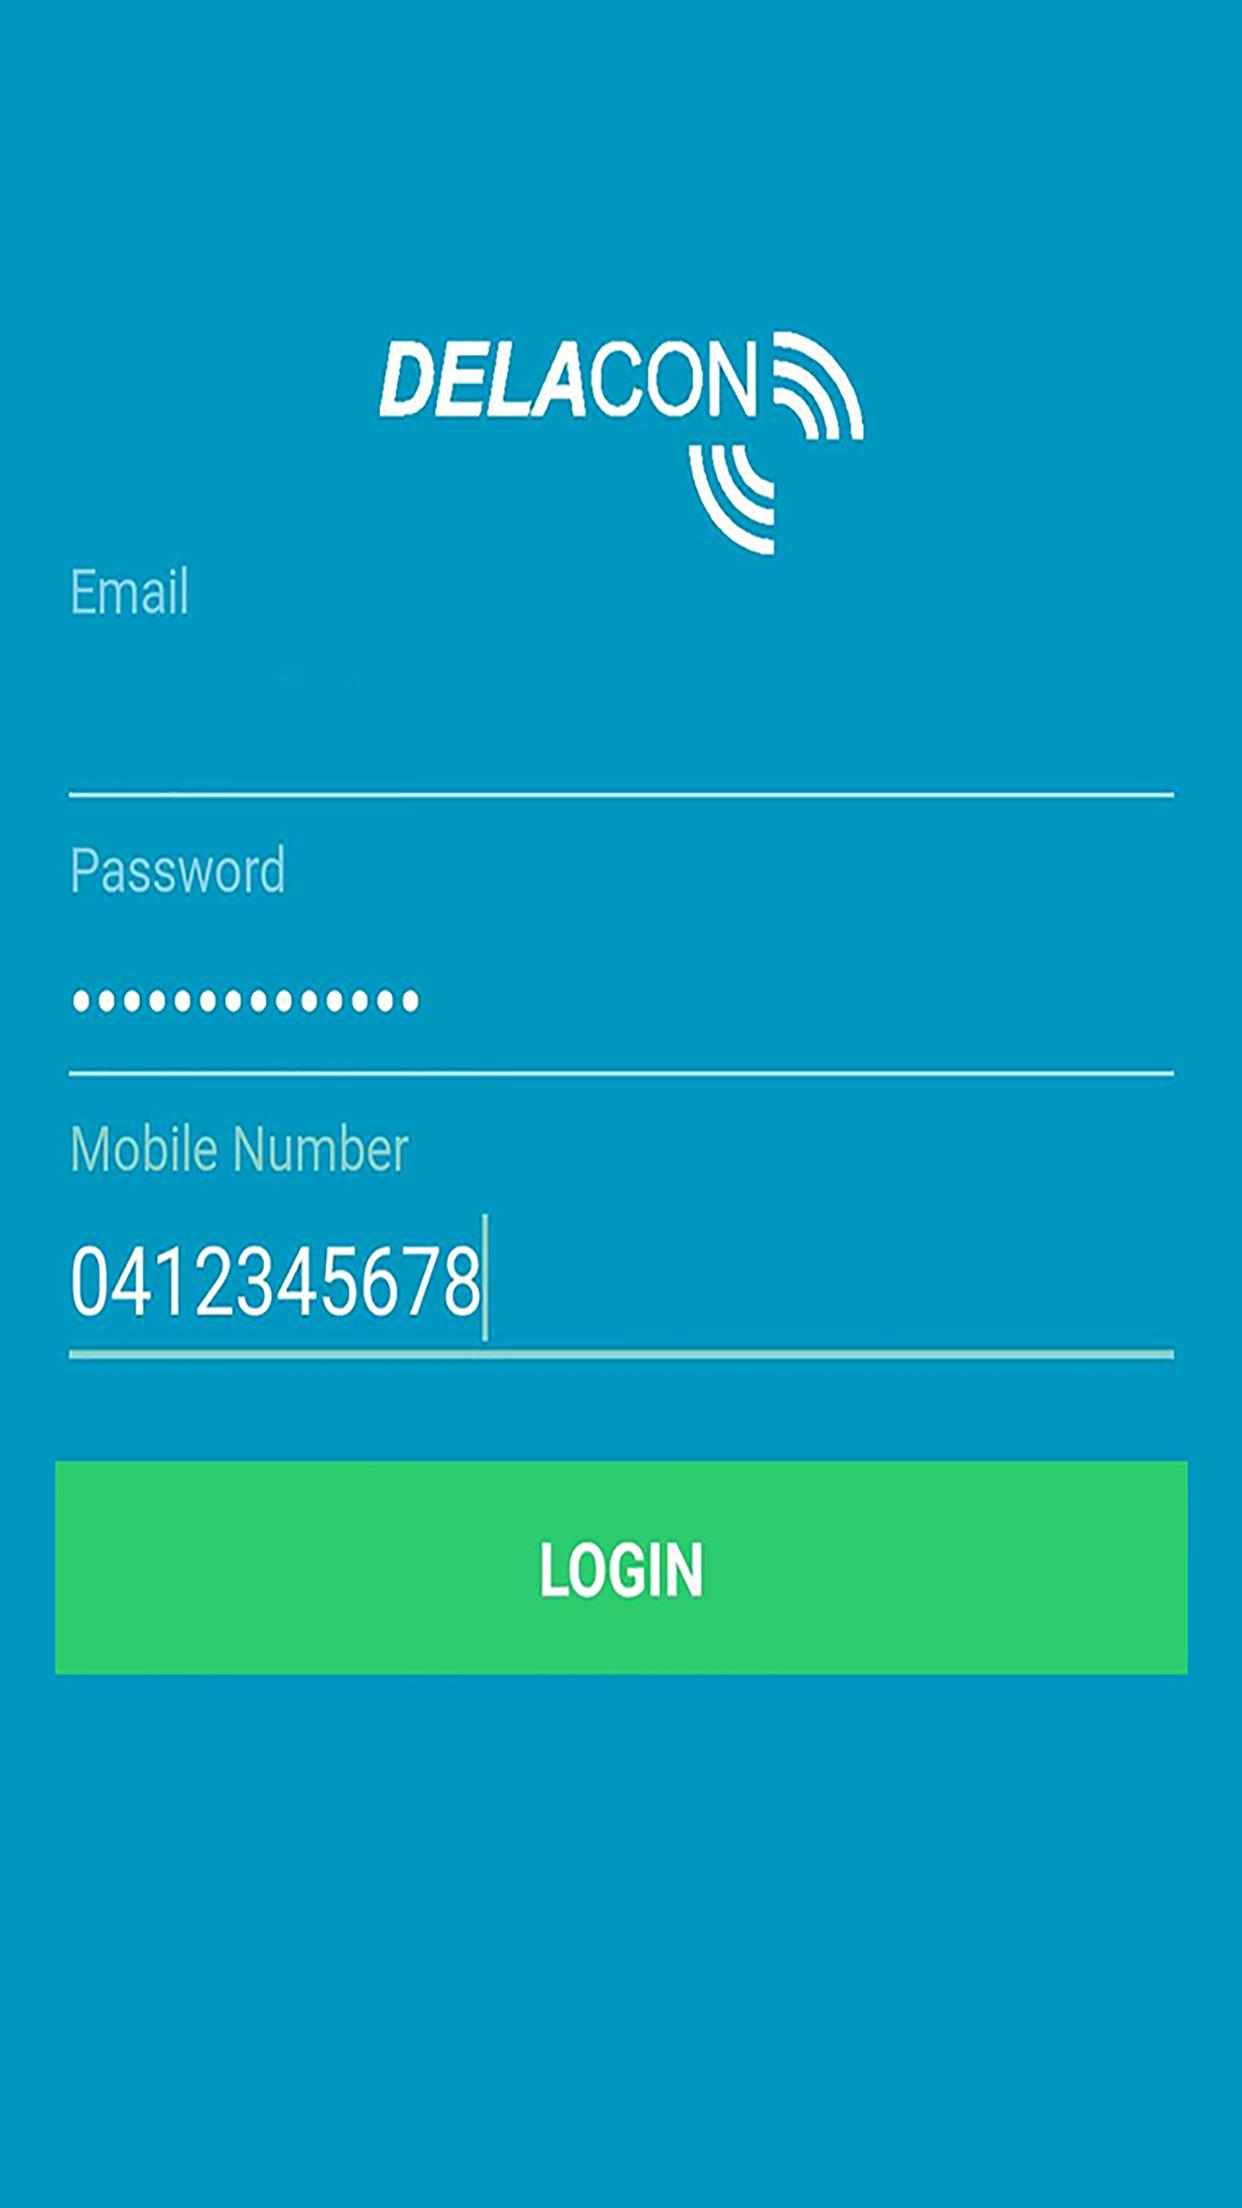 Delacon IOS App – Login Screen